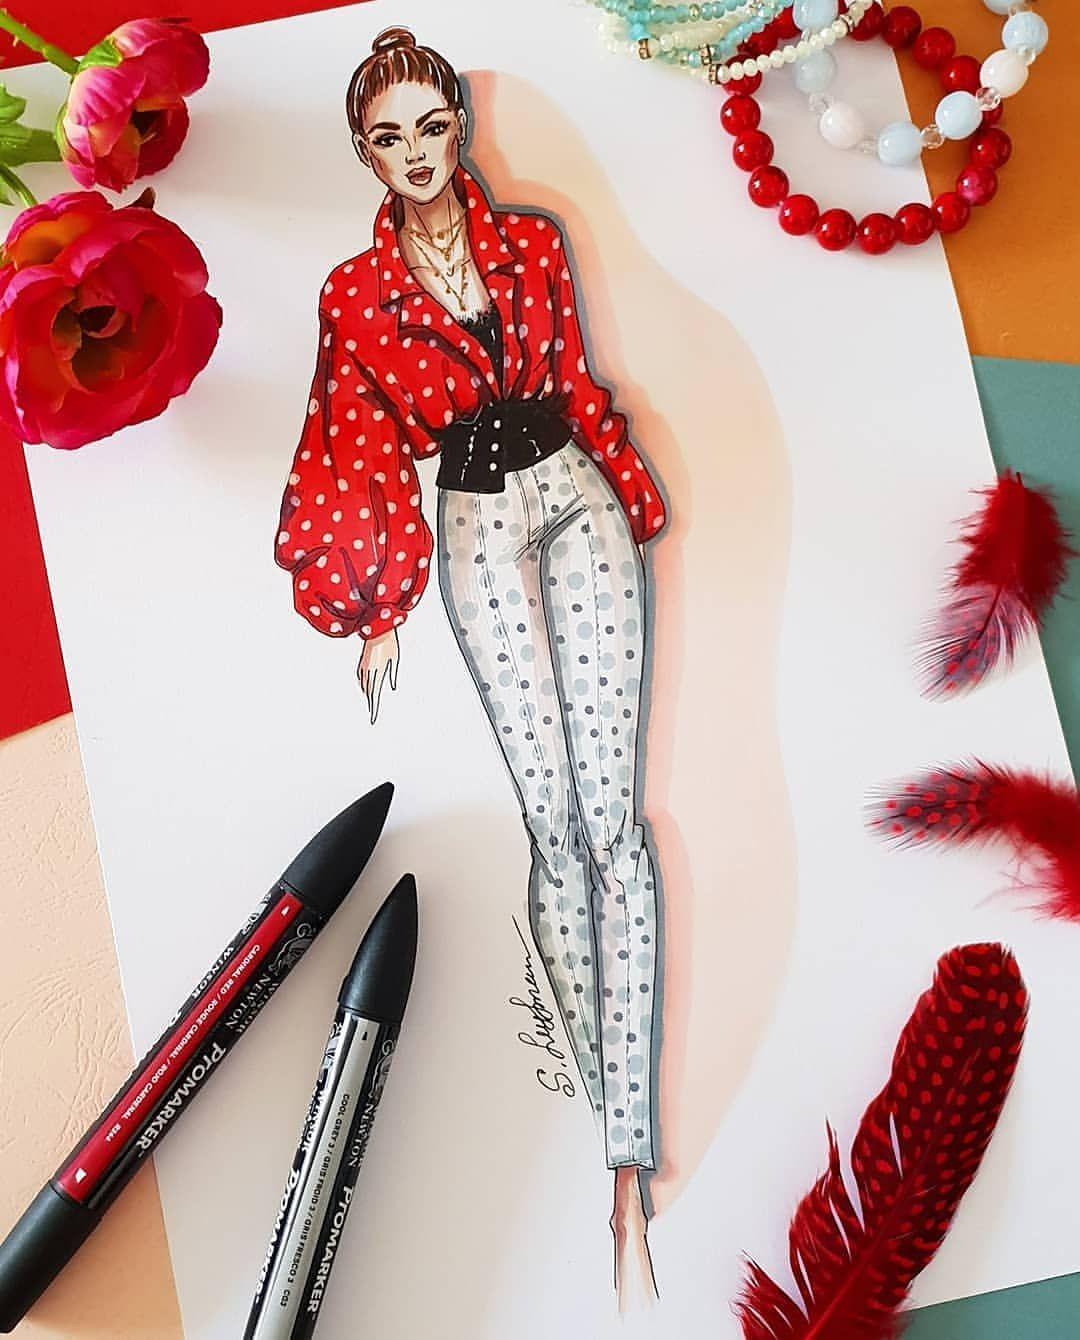 Fashionsketch Drawing Fashionista Sketch Drawingoftheday Pencil Clothin Illustration Fashion Design Fashion Illustration Dresses Fashion Design Sketches